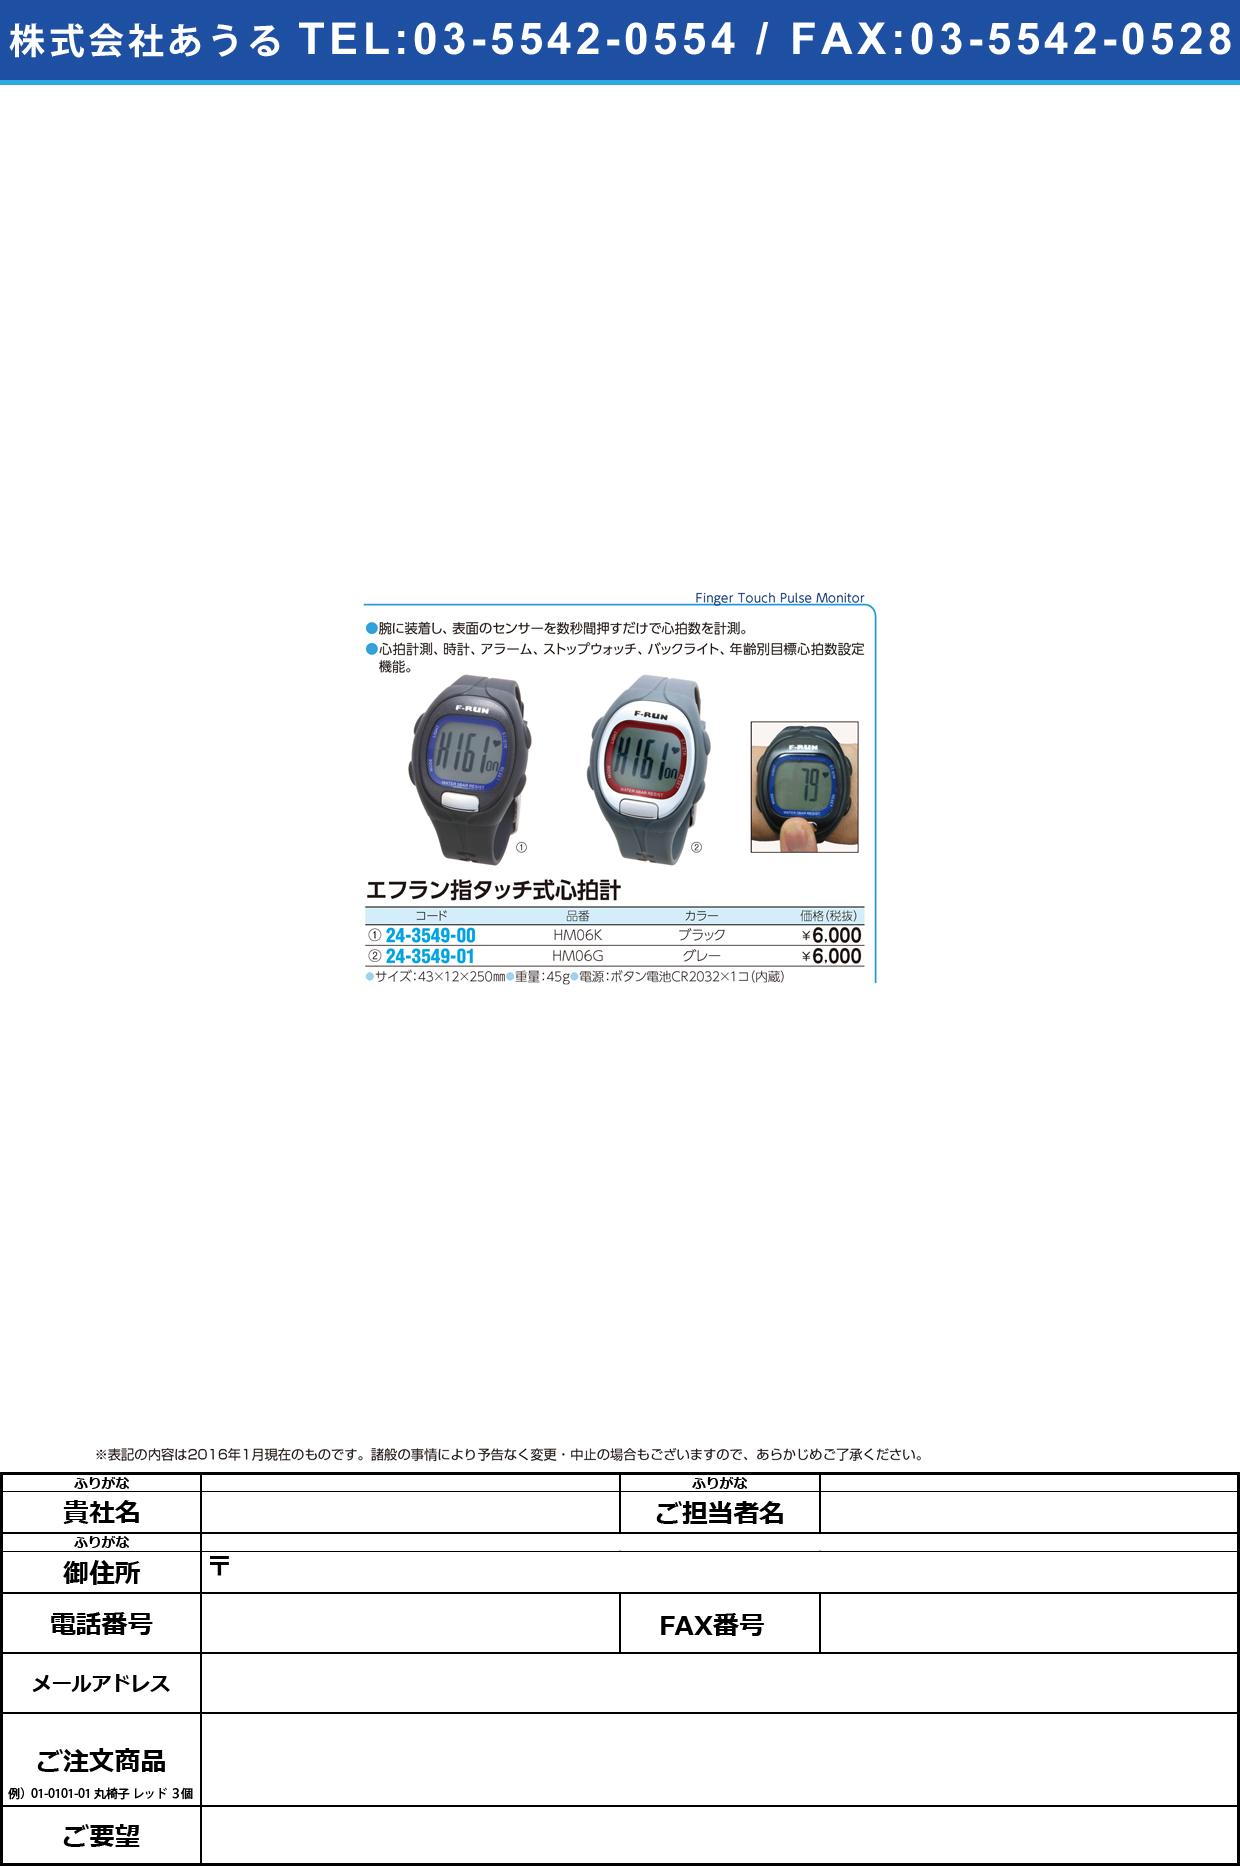 指タッチ式心拍計(ハートメーター) ユビタッチシキシンパクケイ HM06G(グレー)【1個単位】【2016年カタログ商品】